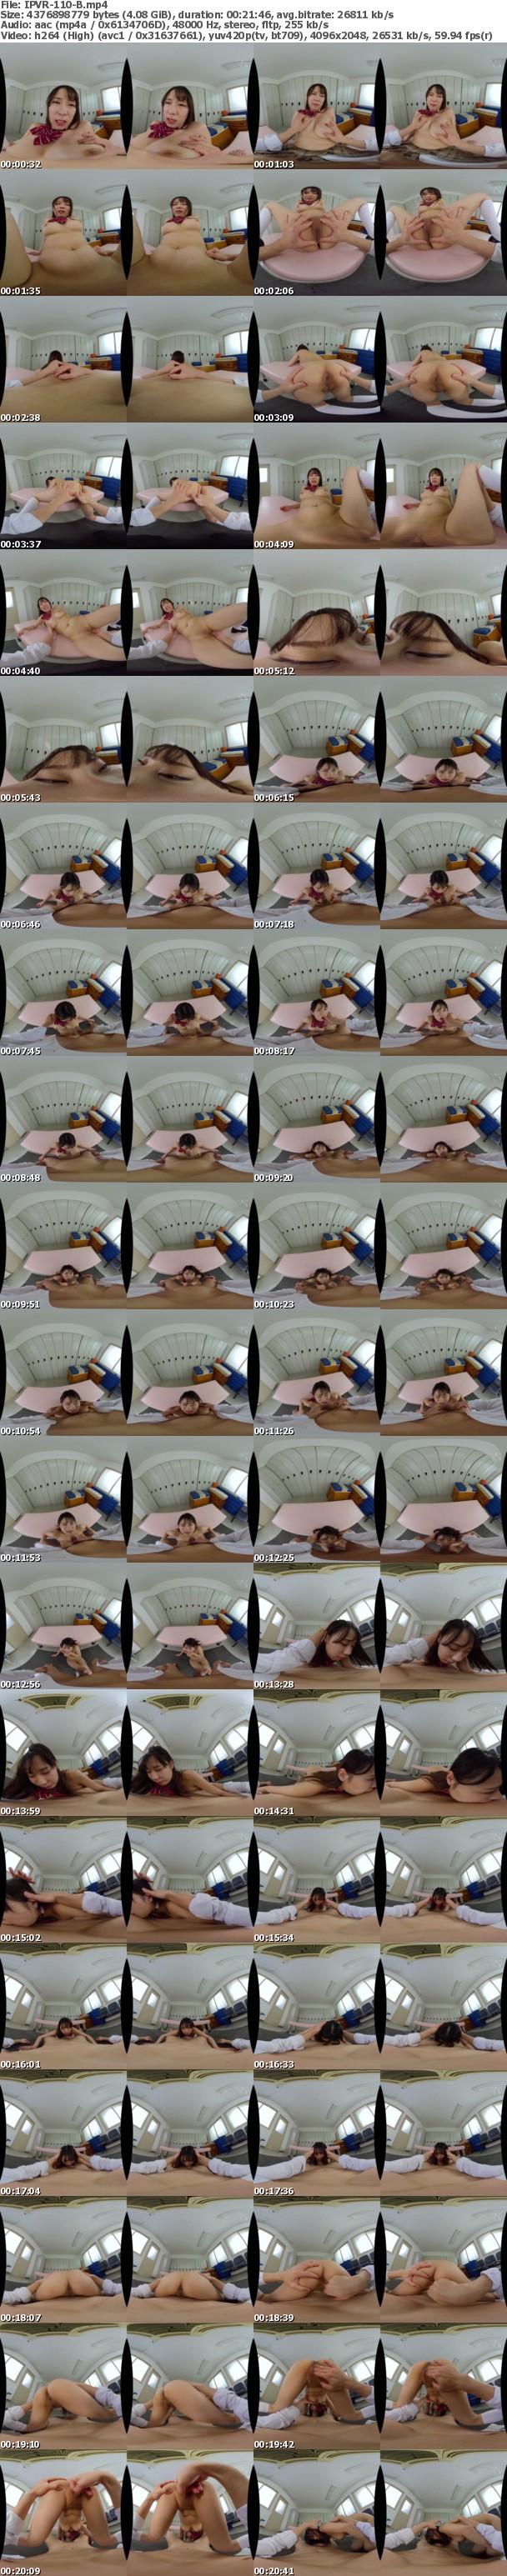 (VR) IPVR-110 次世代撮影ノーカットレ×プ!! 犯●れた巨乳制服女子 卒業前に勇気を出して告白したら爆笑され小馬鹿にされたので逆上レ●プVR 天上みさ